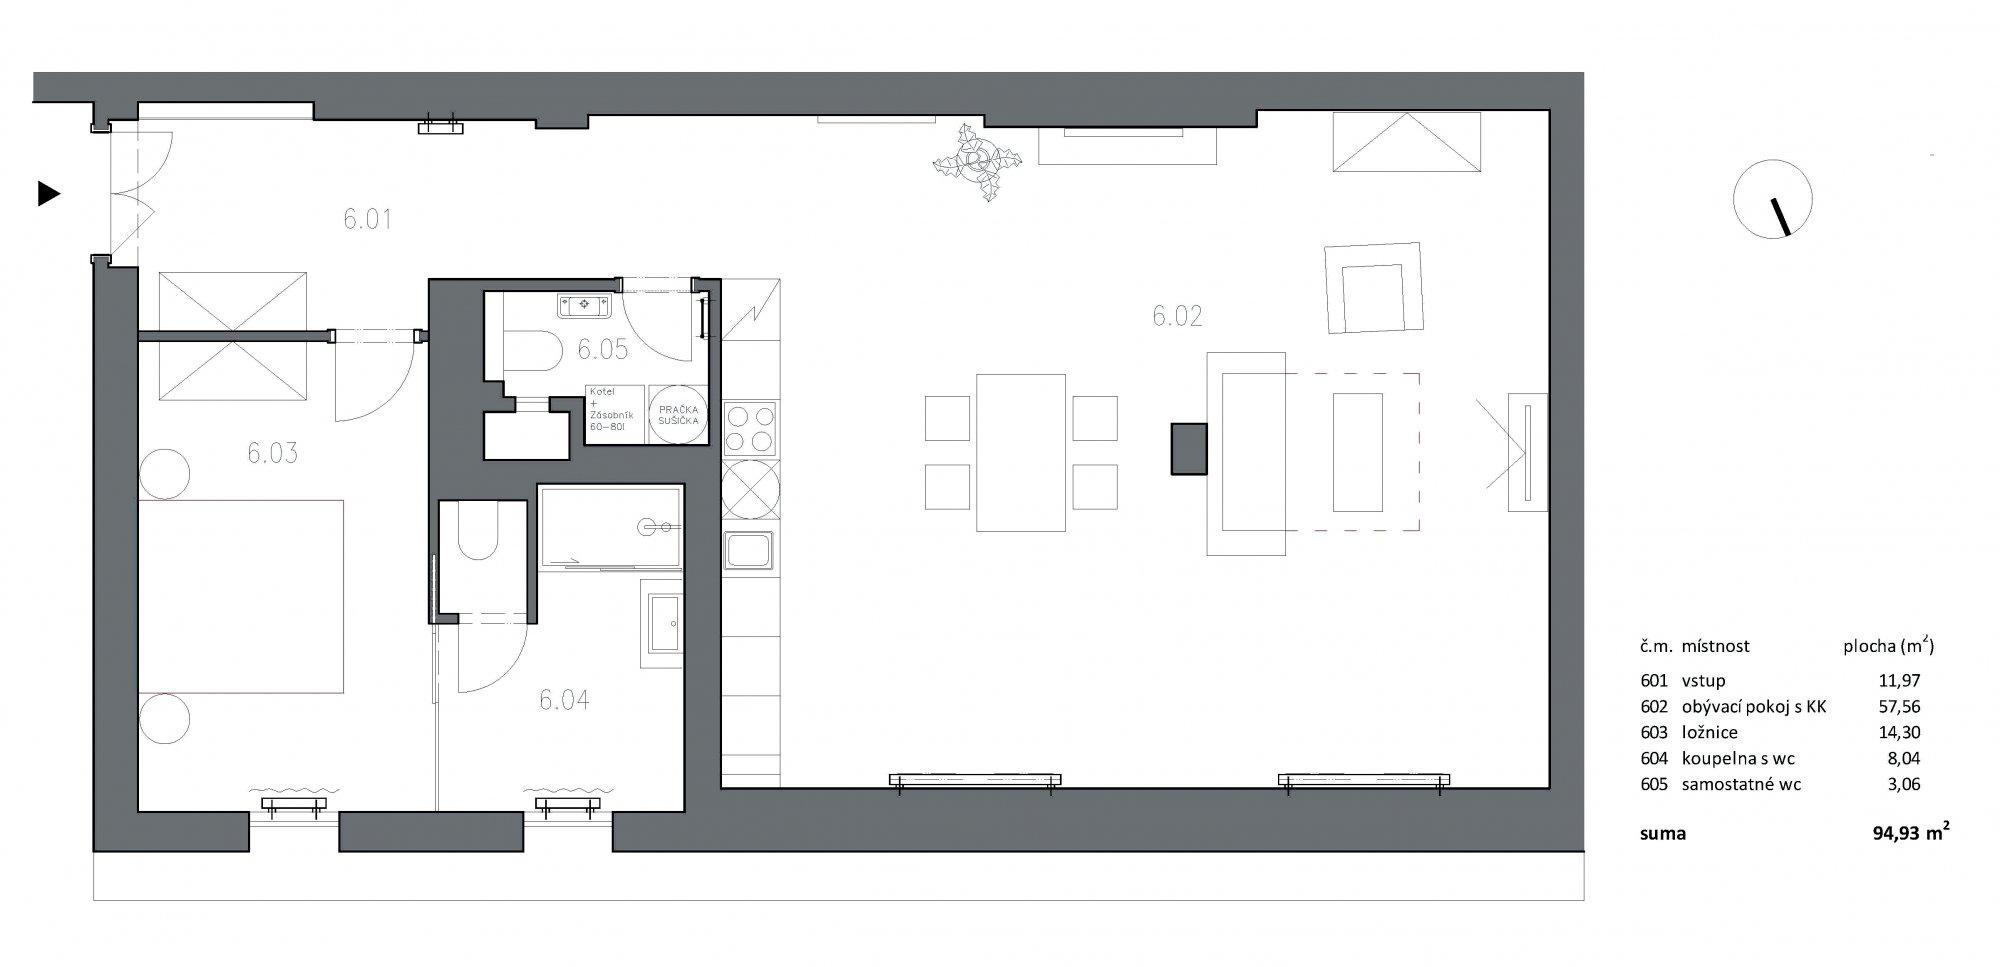 Půdorys - Půdní byt 2+kk, plocha 95 m², ulice U Bulhara, Praha 1 - Nové Město